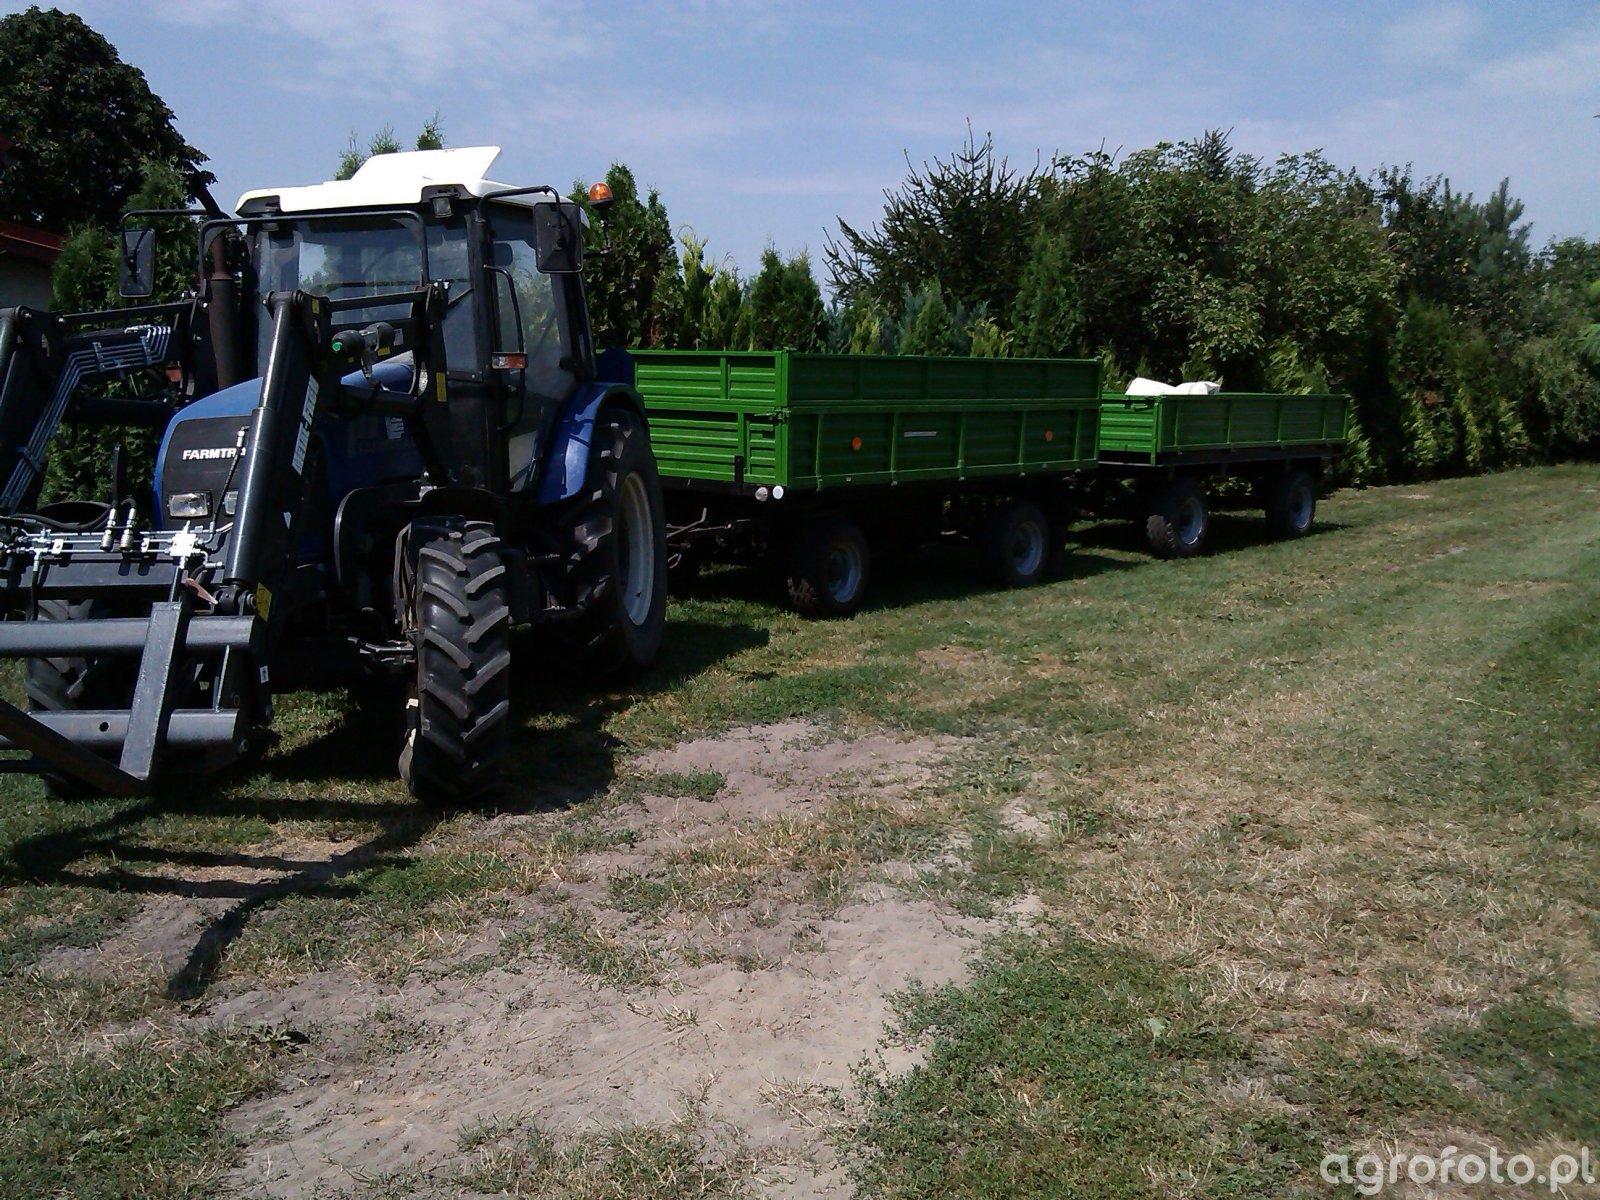 Farmtrac 675 DT + Przyczepa + Rozrzutnik